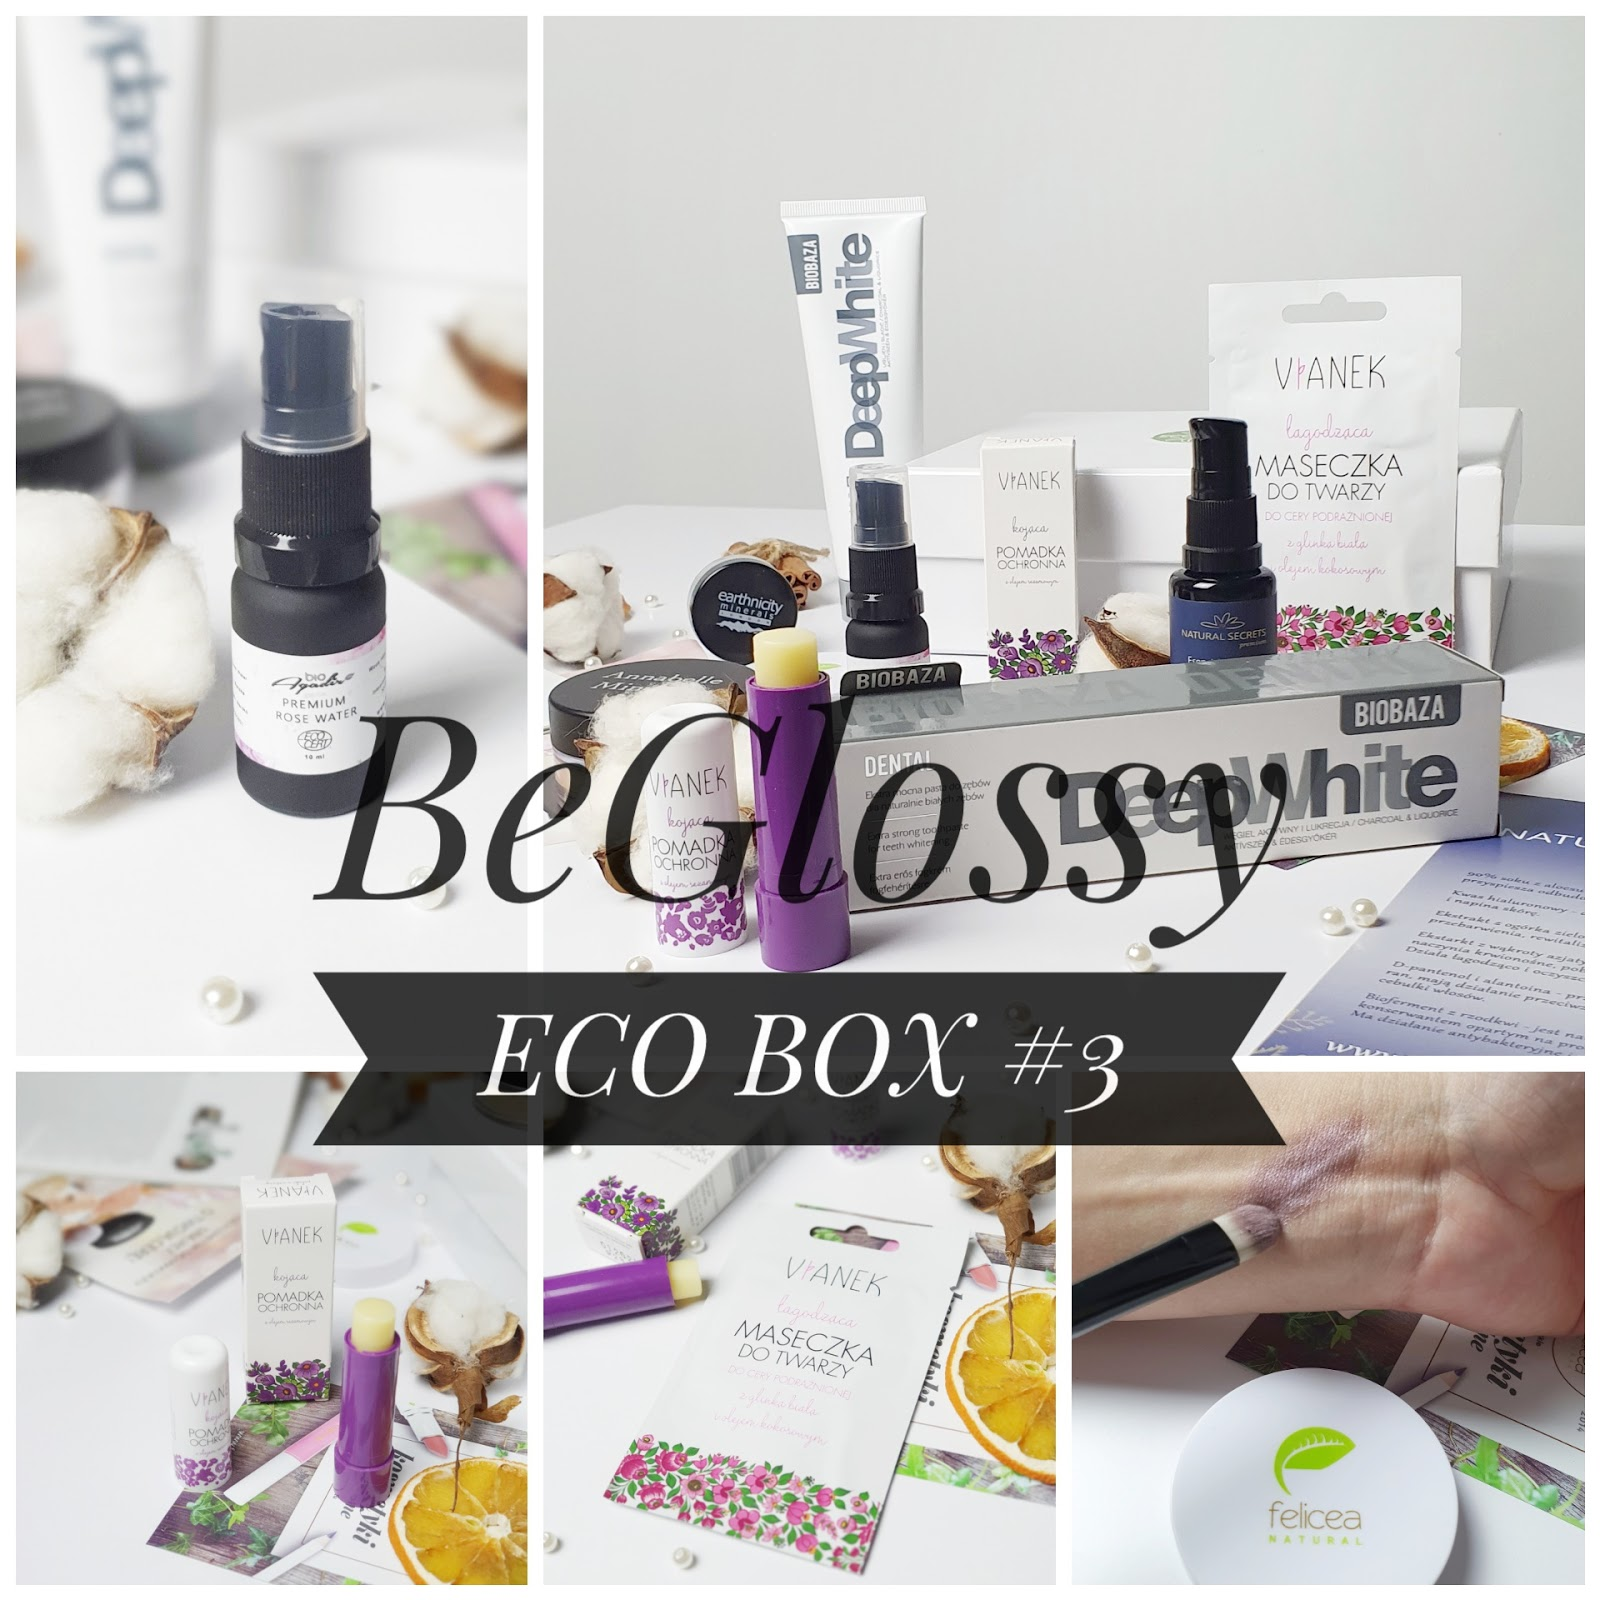 BeGlossy - ECO BOX #3 - specjalna edycja przyjazna naturze